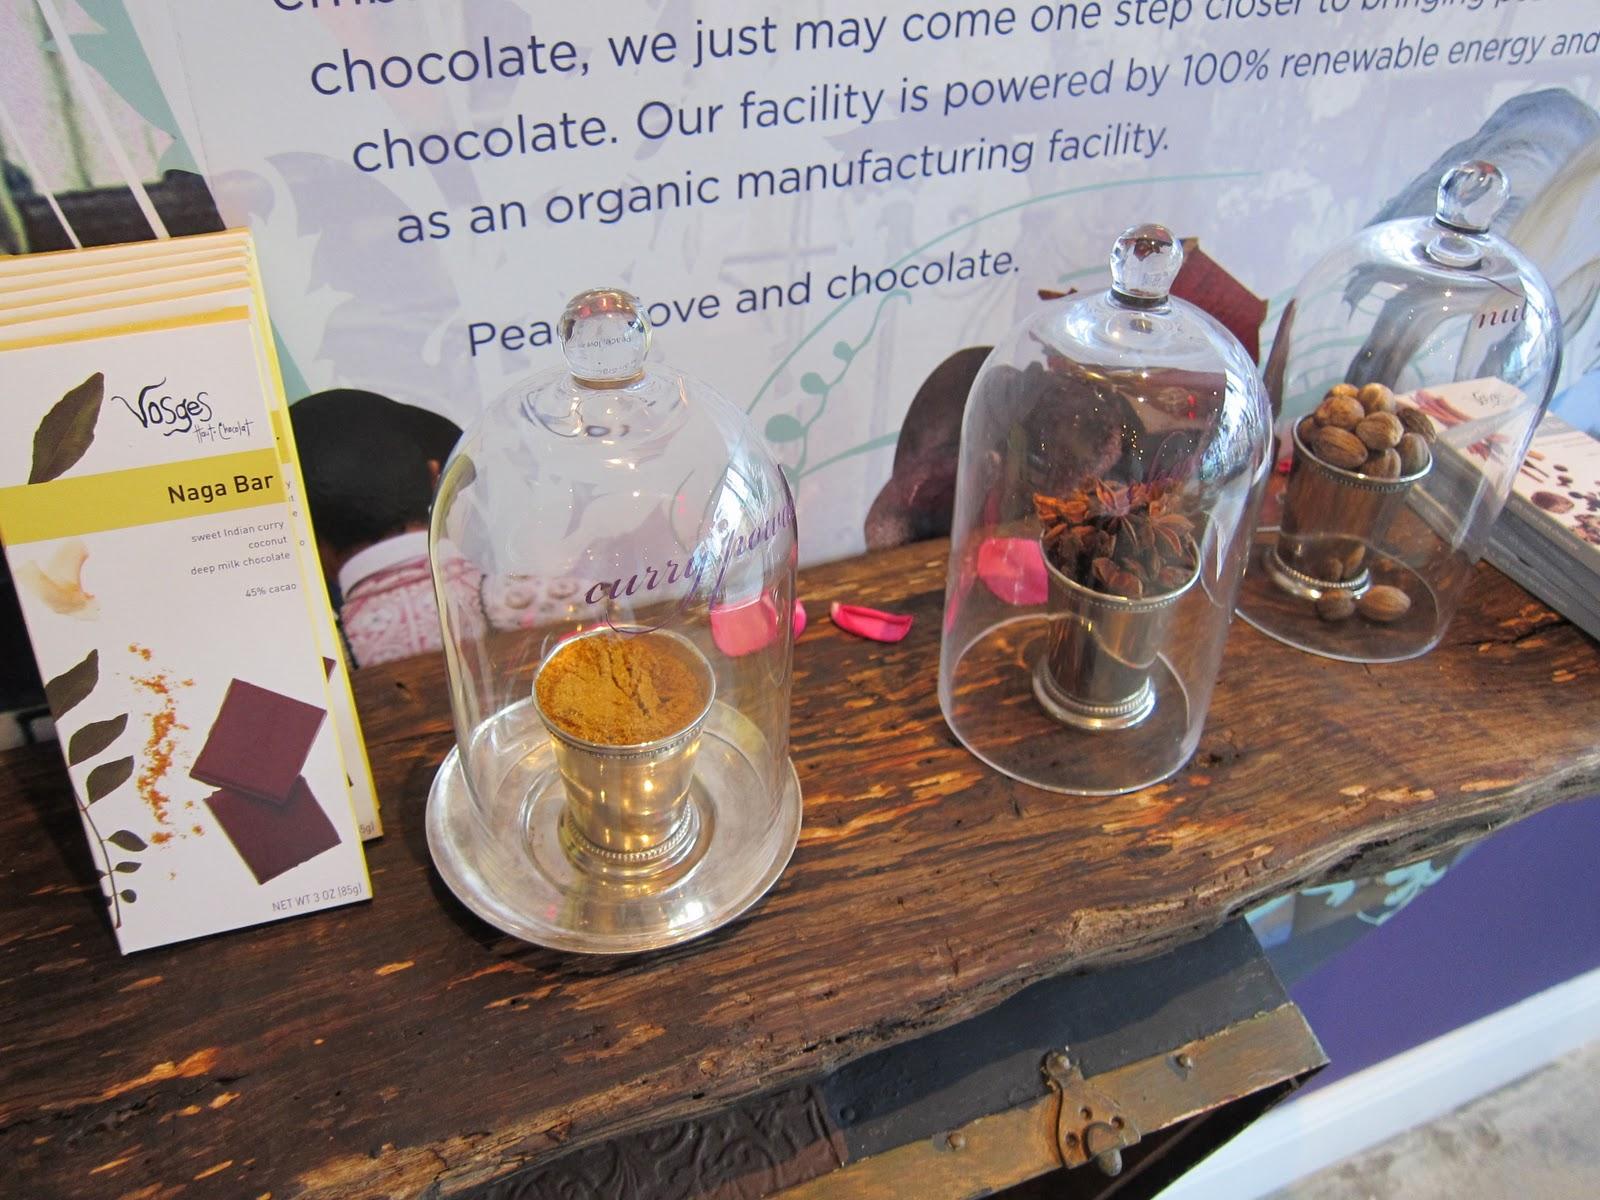 Vosges Hot Chocolate Recipe